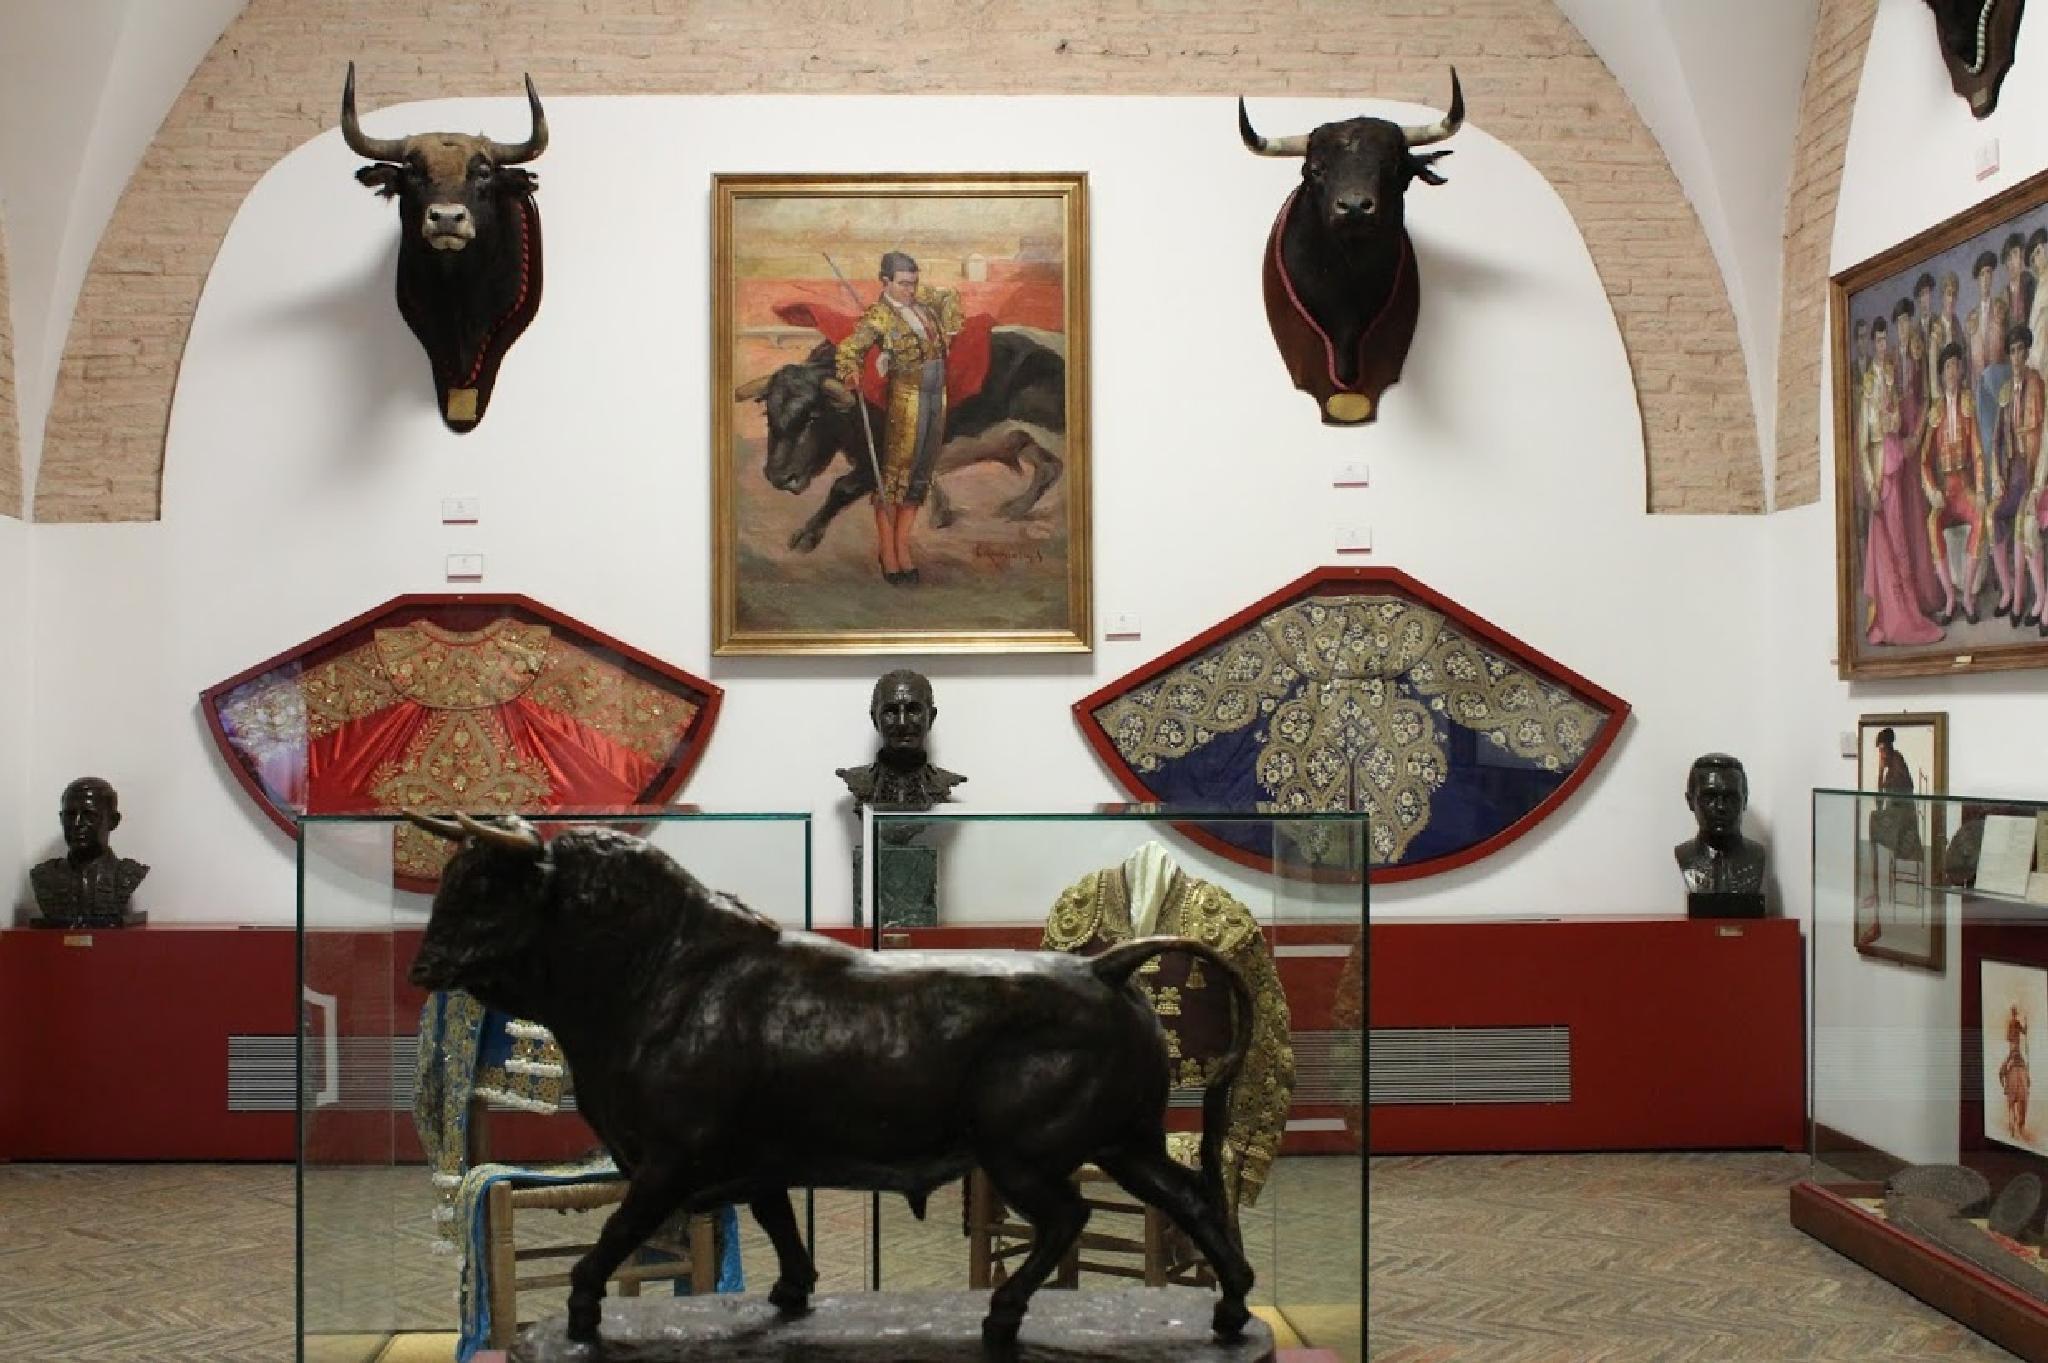 Plaza de toros de la Real Maestranza de Caballería de Sevilla by nilsonpilao